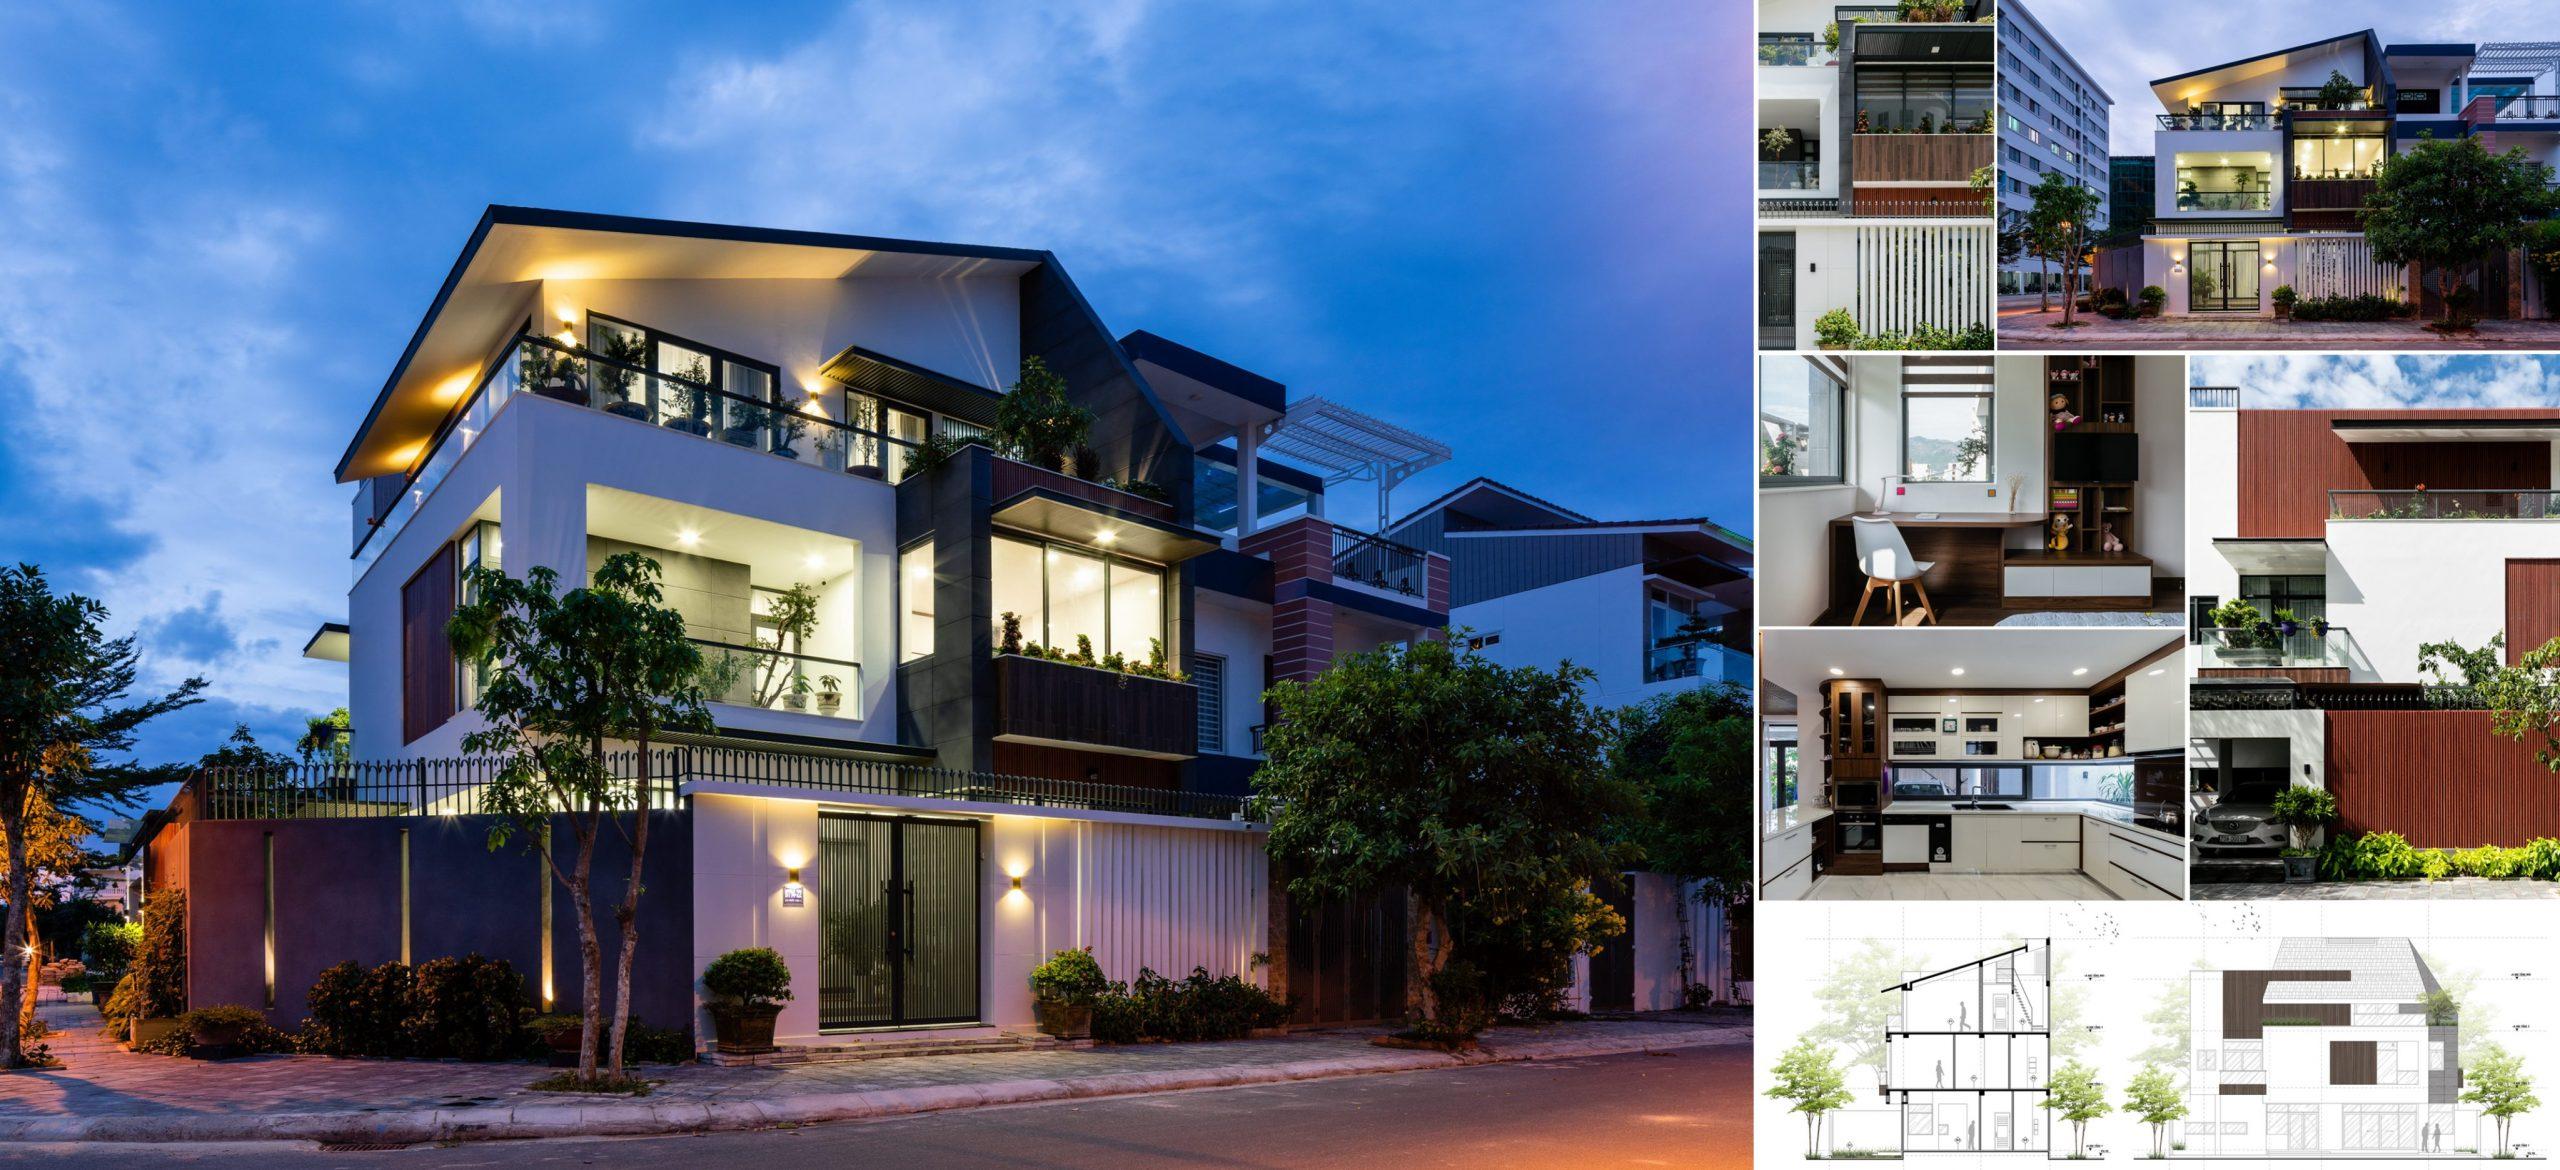 Thiết kế biệt thự sân vườn hiện đại Nha Trang, Cam Ranh, Khánh Hòa - Kientrucpp